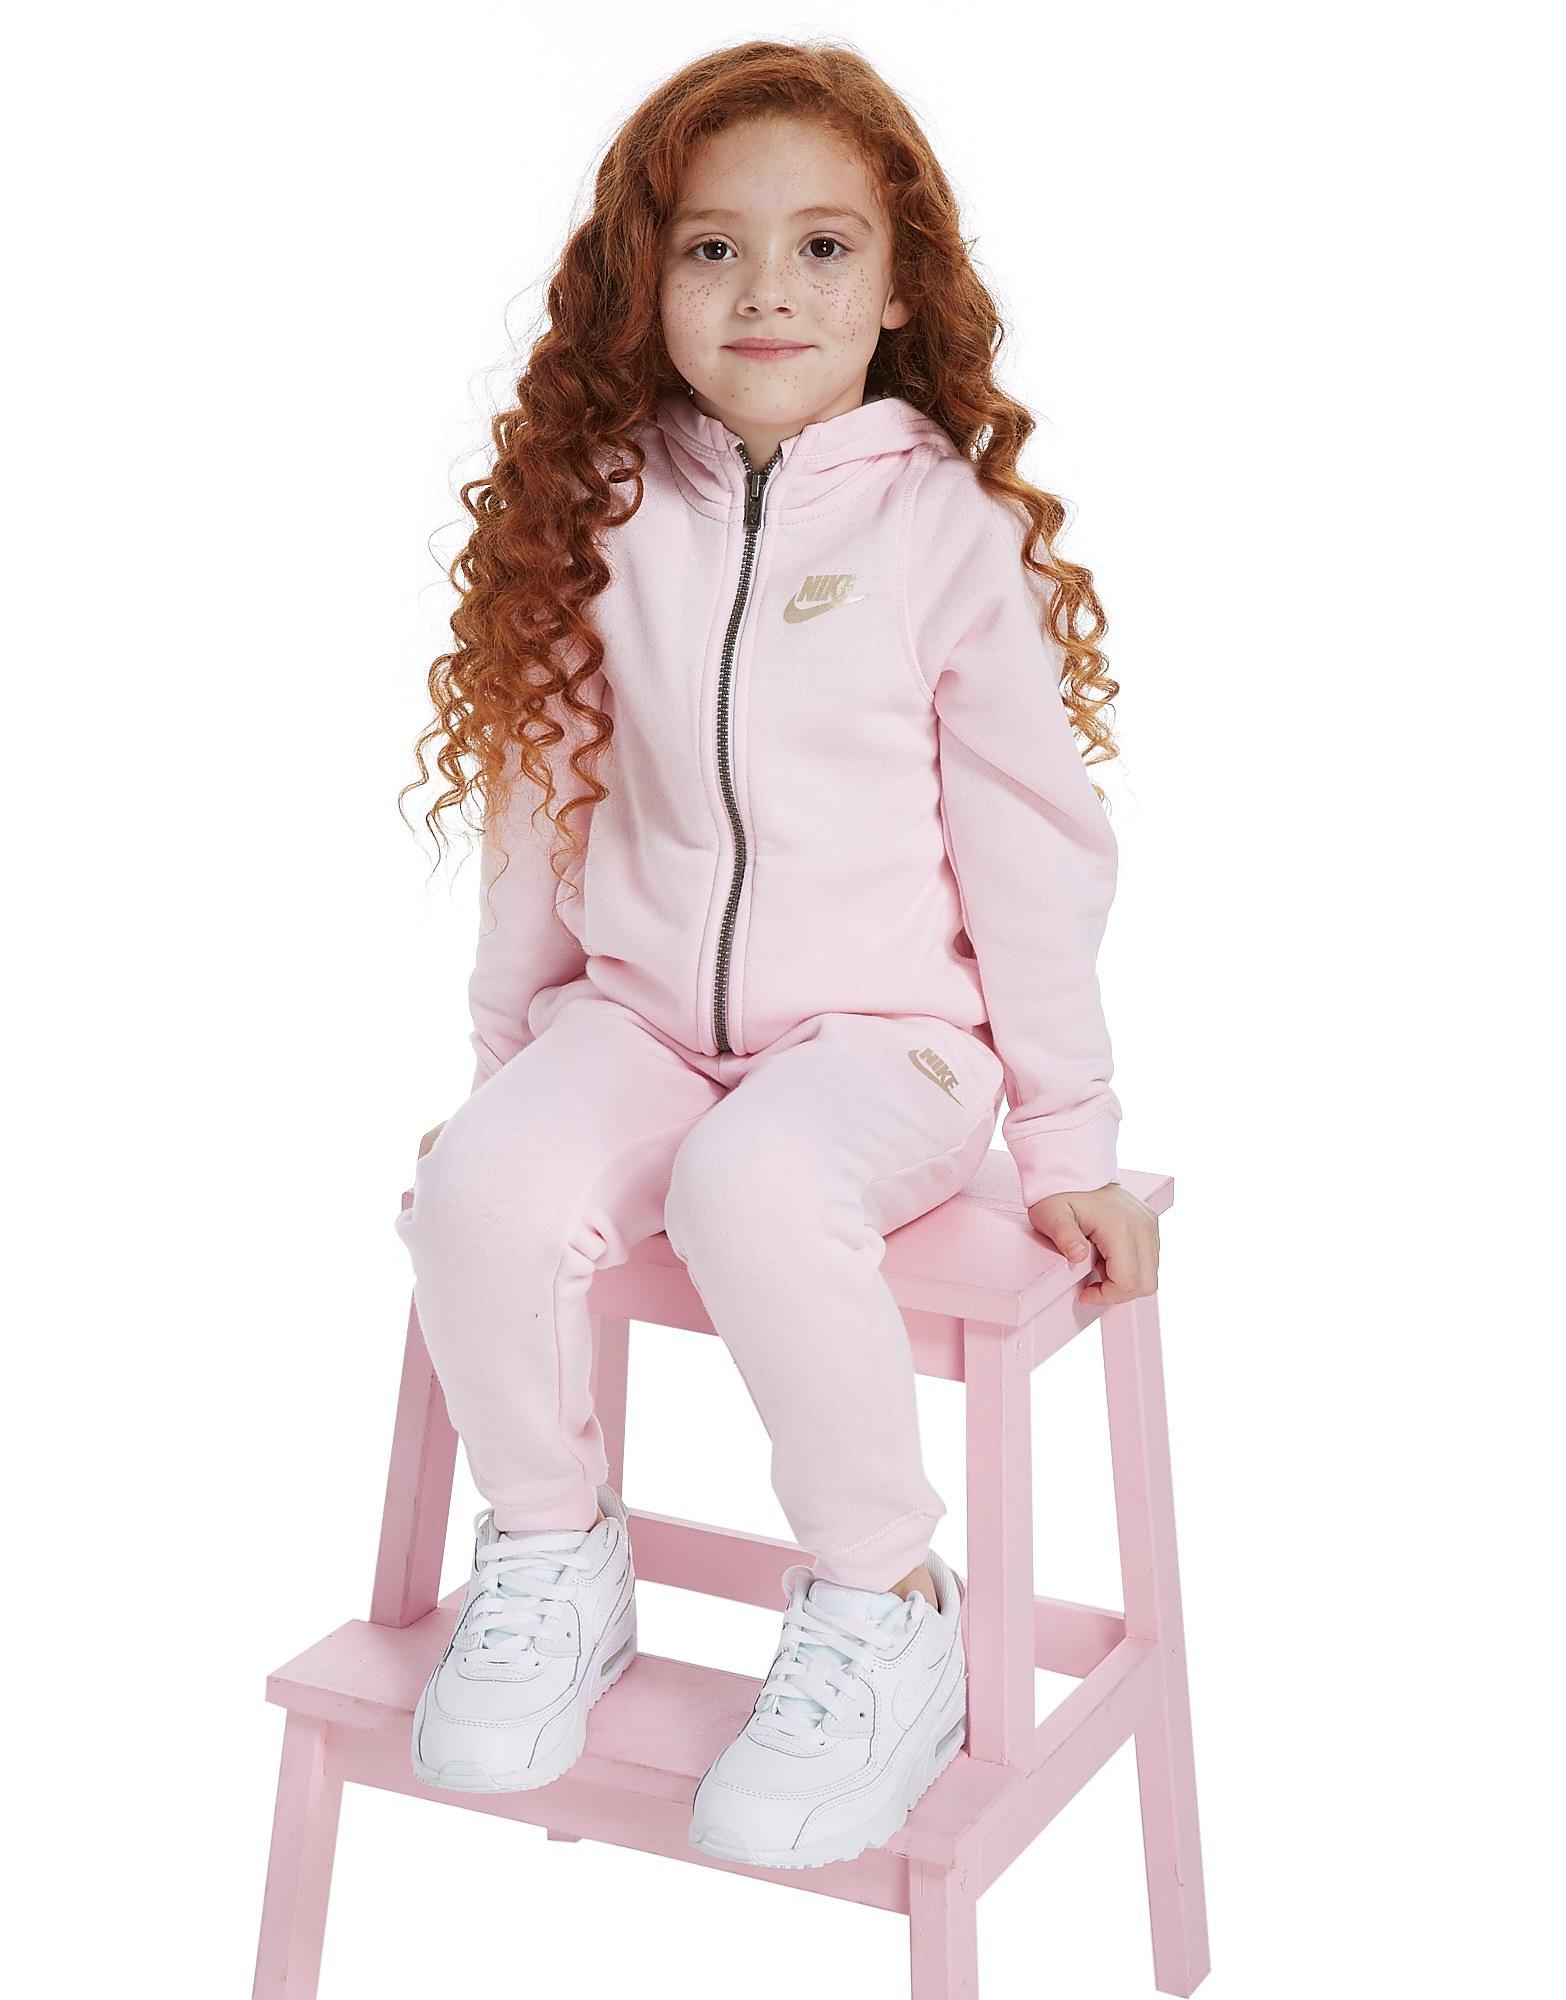 Nike Girls' Modern Full Zip Suit Children